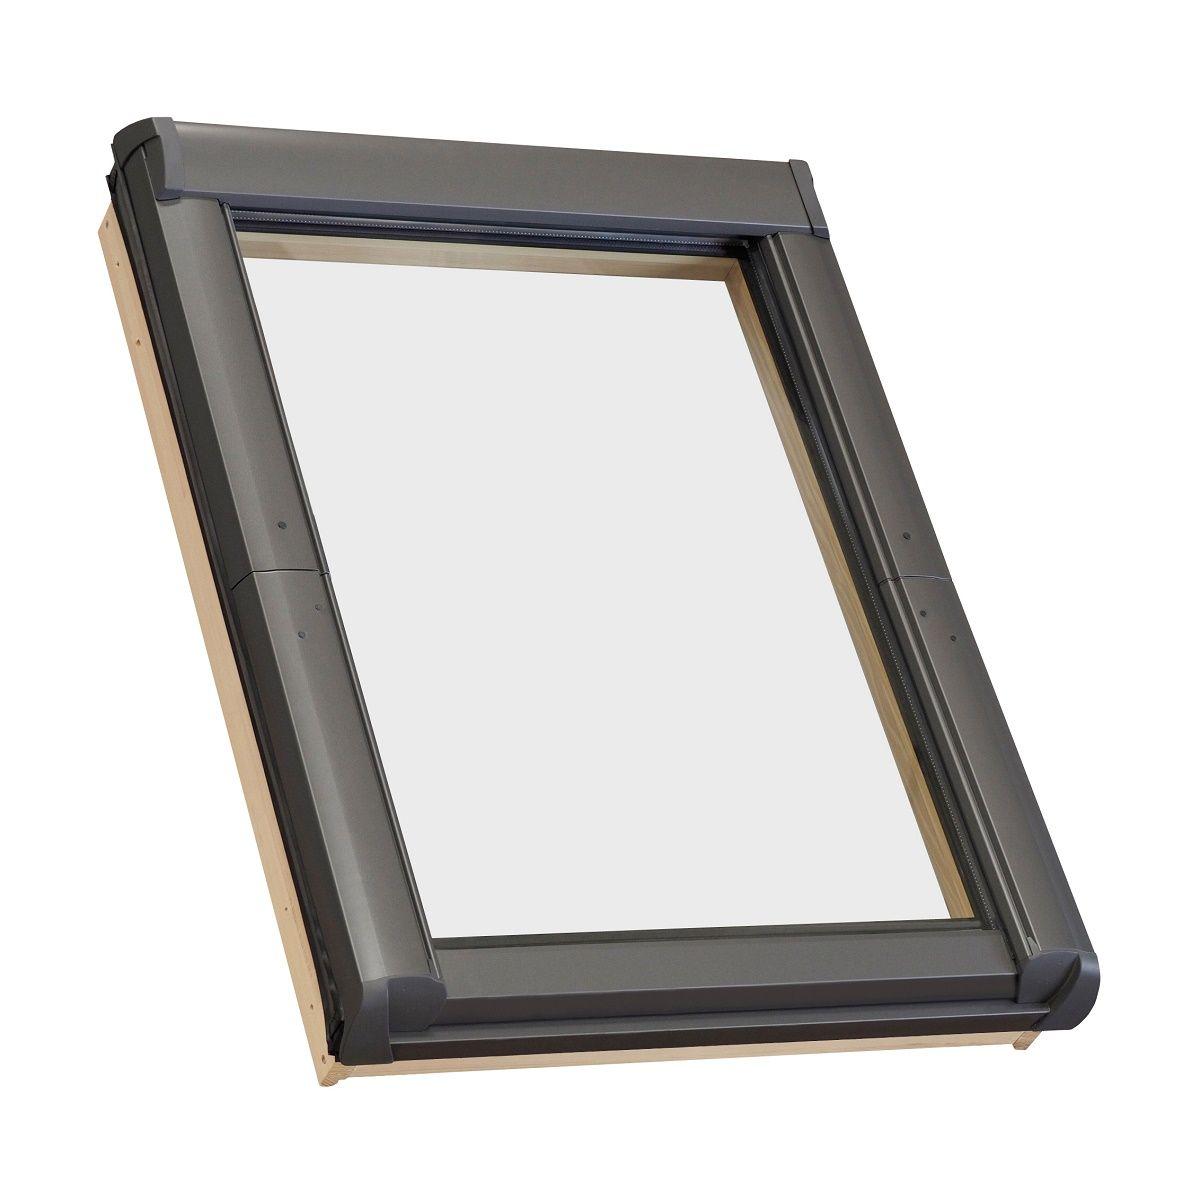 Ventanas para tejado roto designo r45 carpinteria aluminio for Ventanas aluminio gris antracita